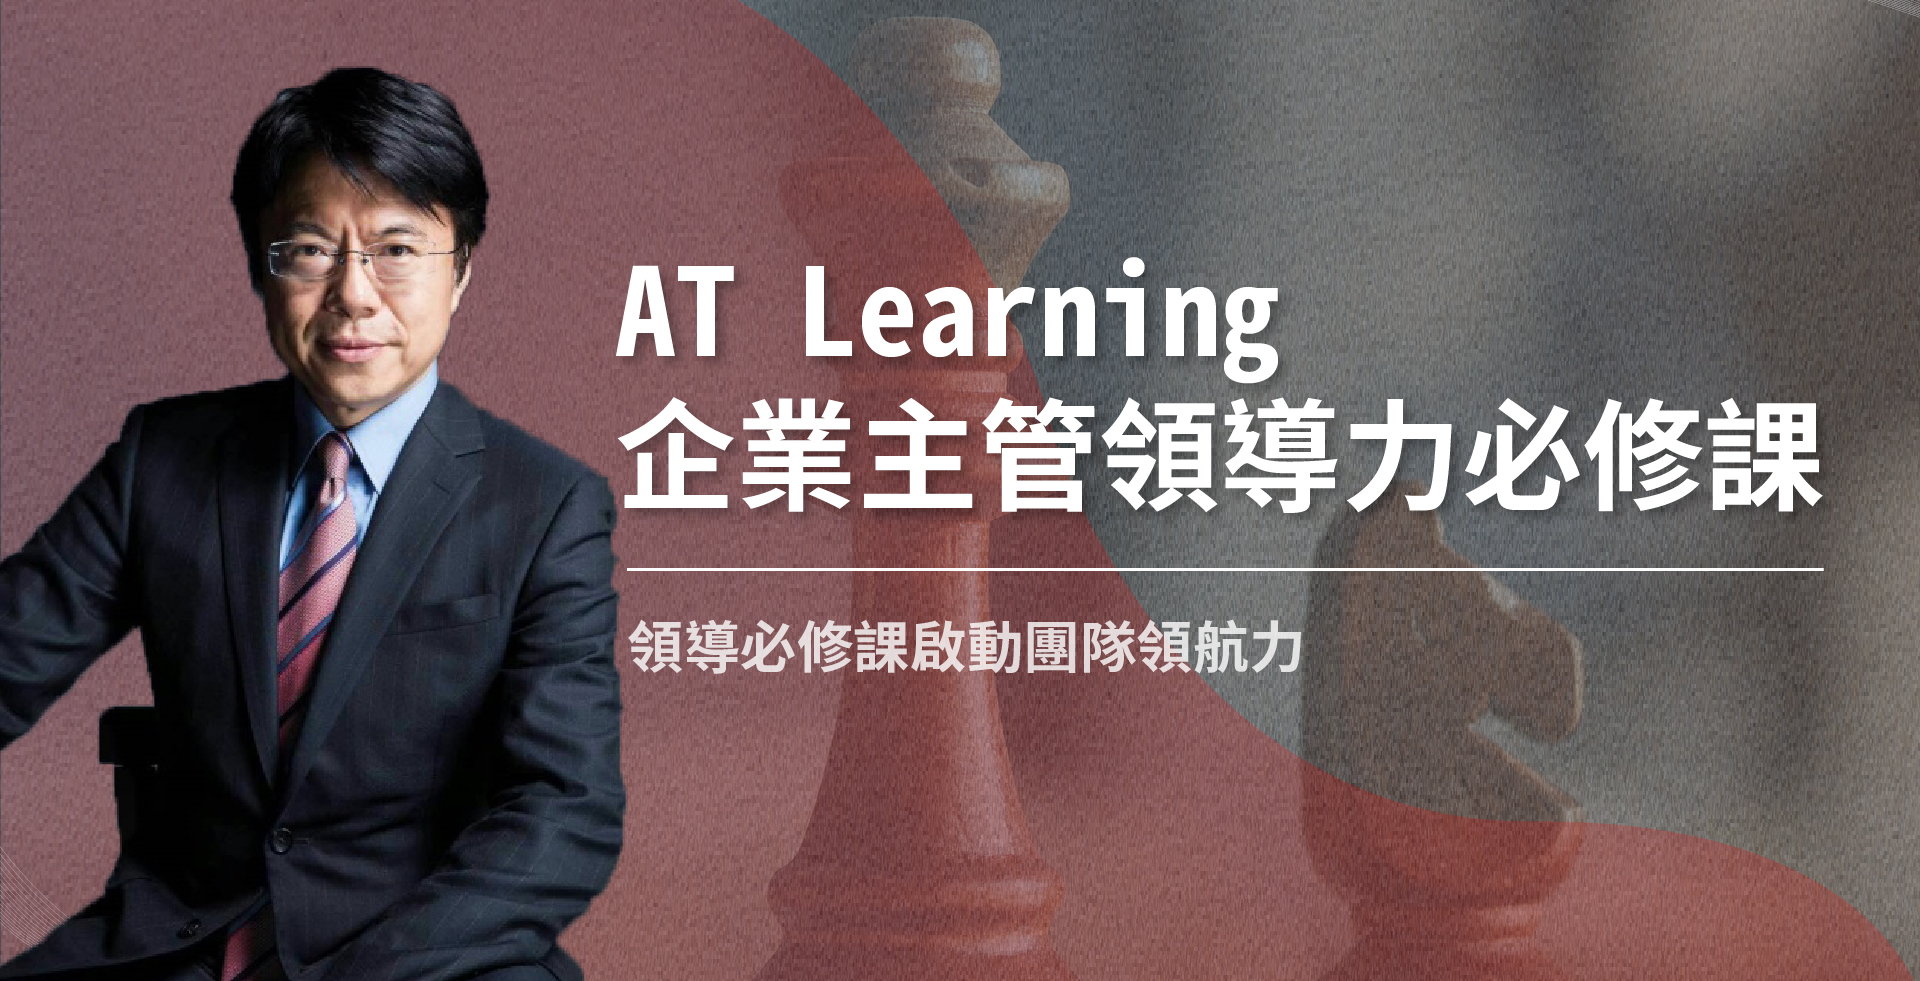 AT Learning企業主管領導力必修課